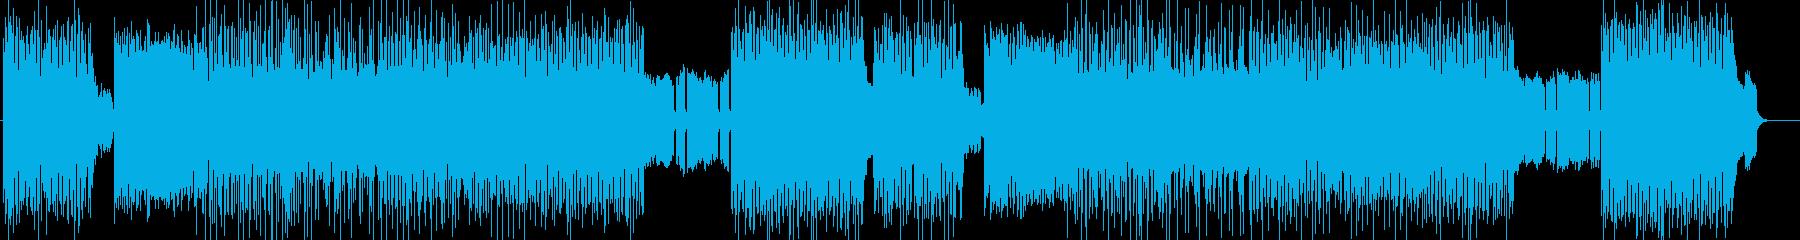 デスロック、ハードロック系 BGM261の再生済みの波形